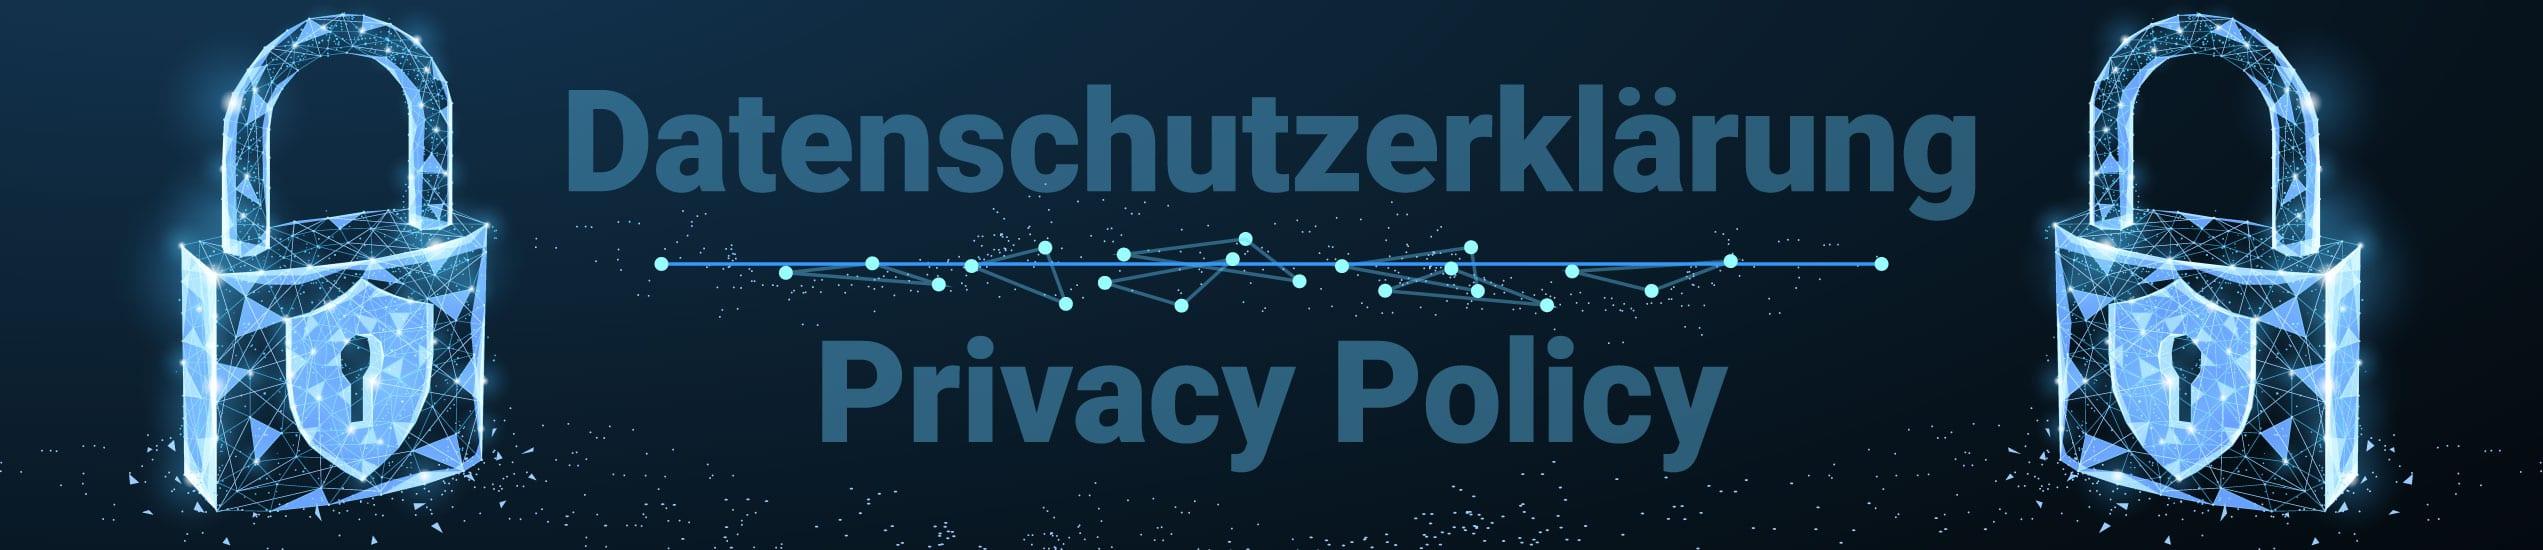 Datenschutzerklärung Titlebild